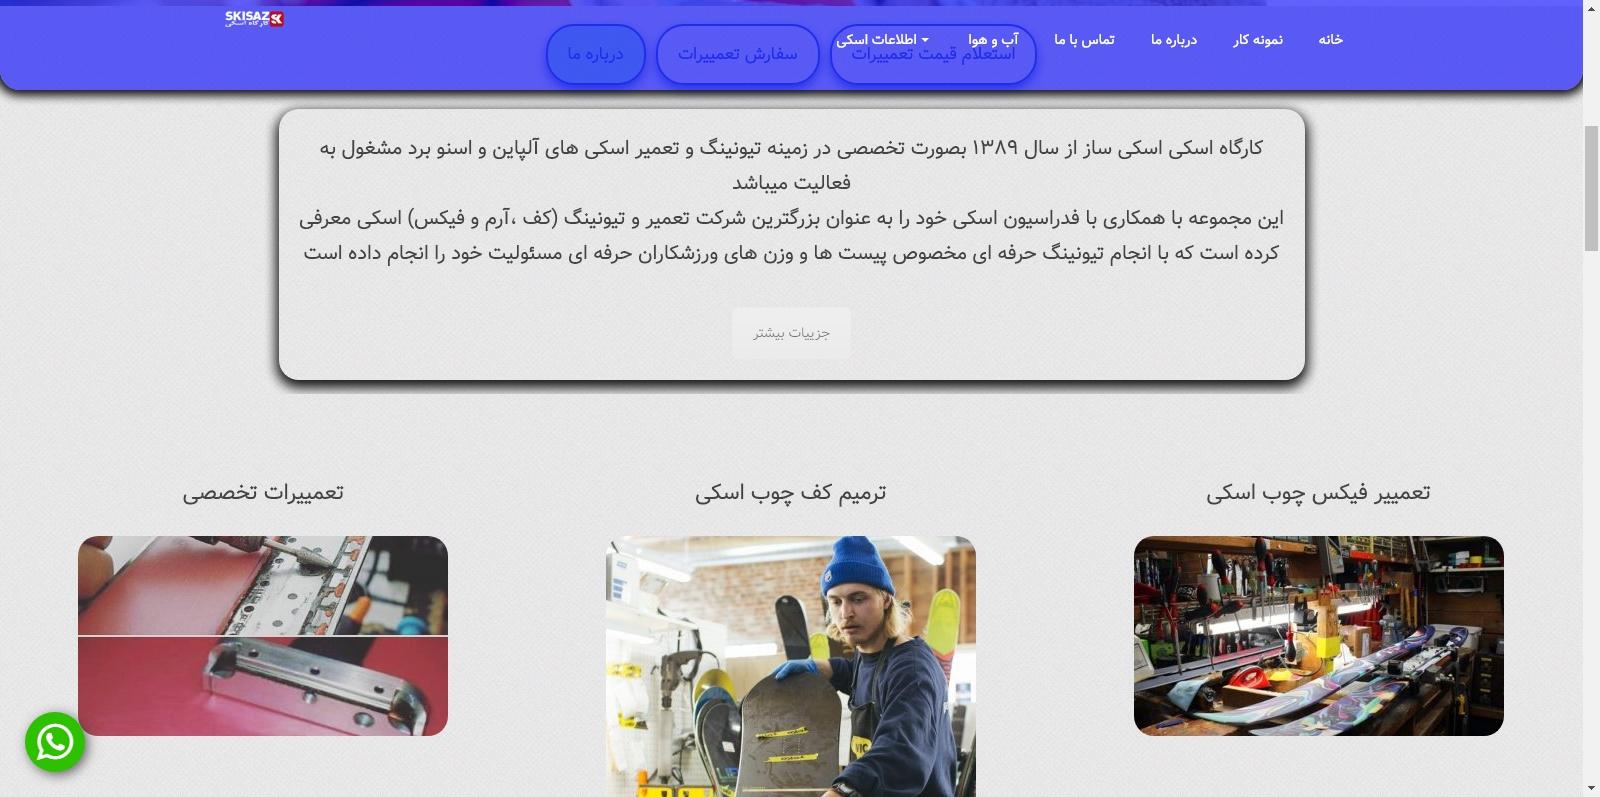 screenshot 20200525 215709 - skisaz.ir